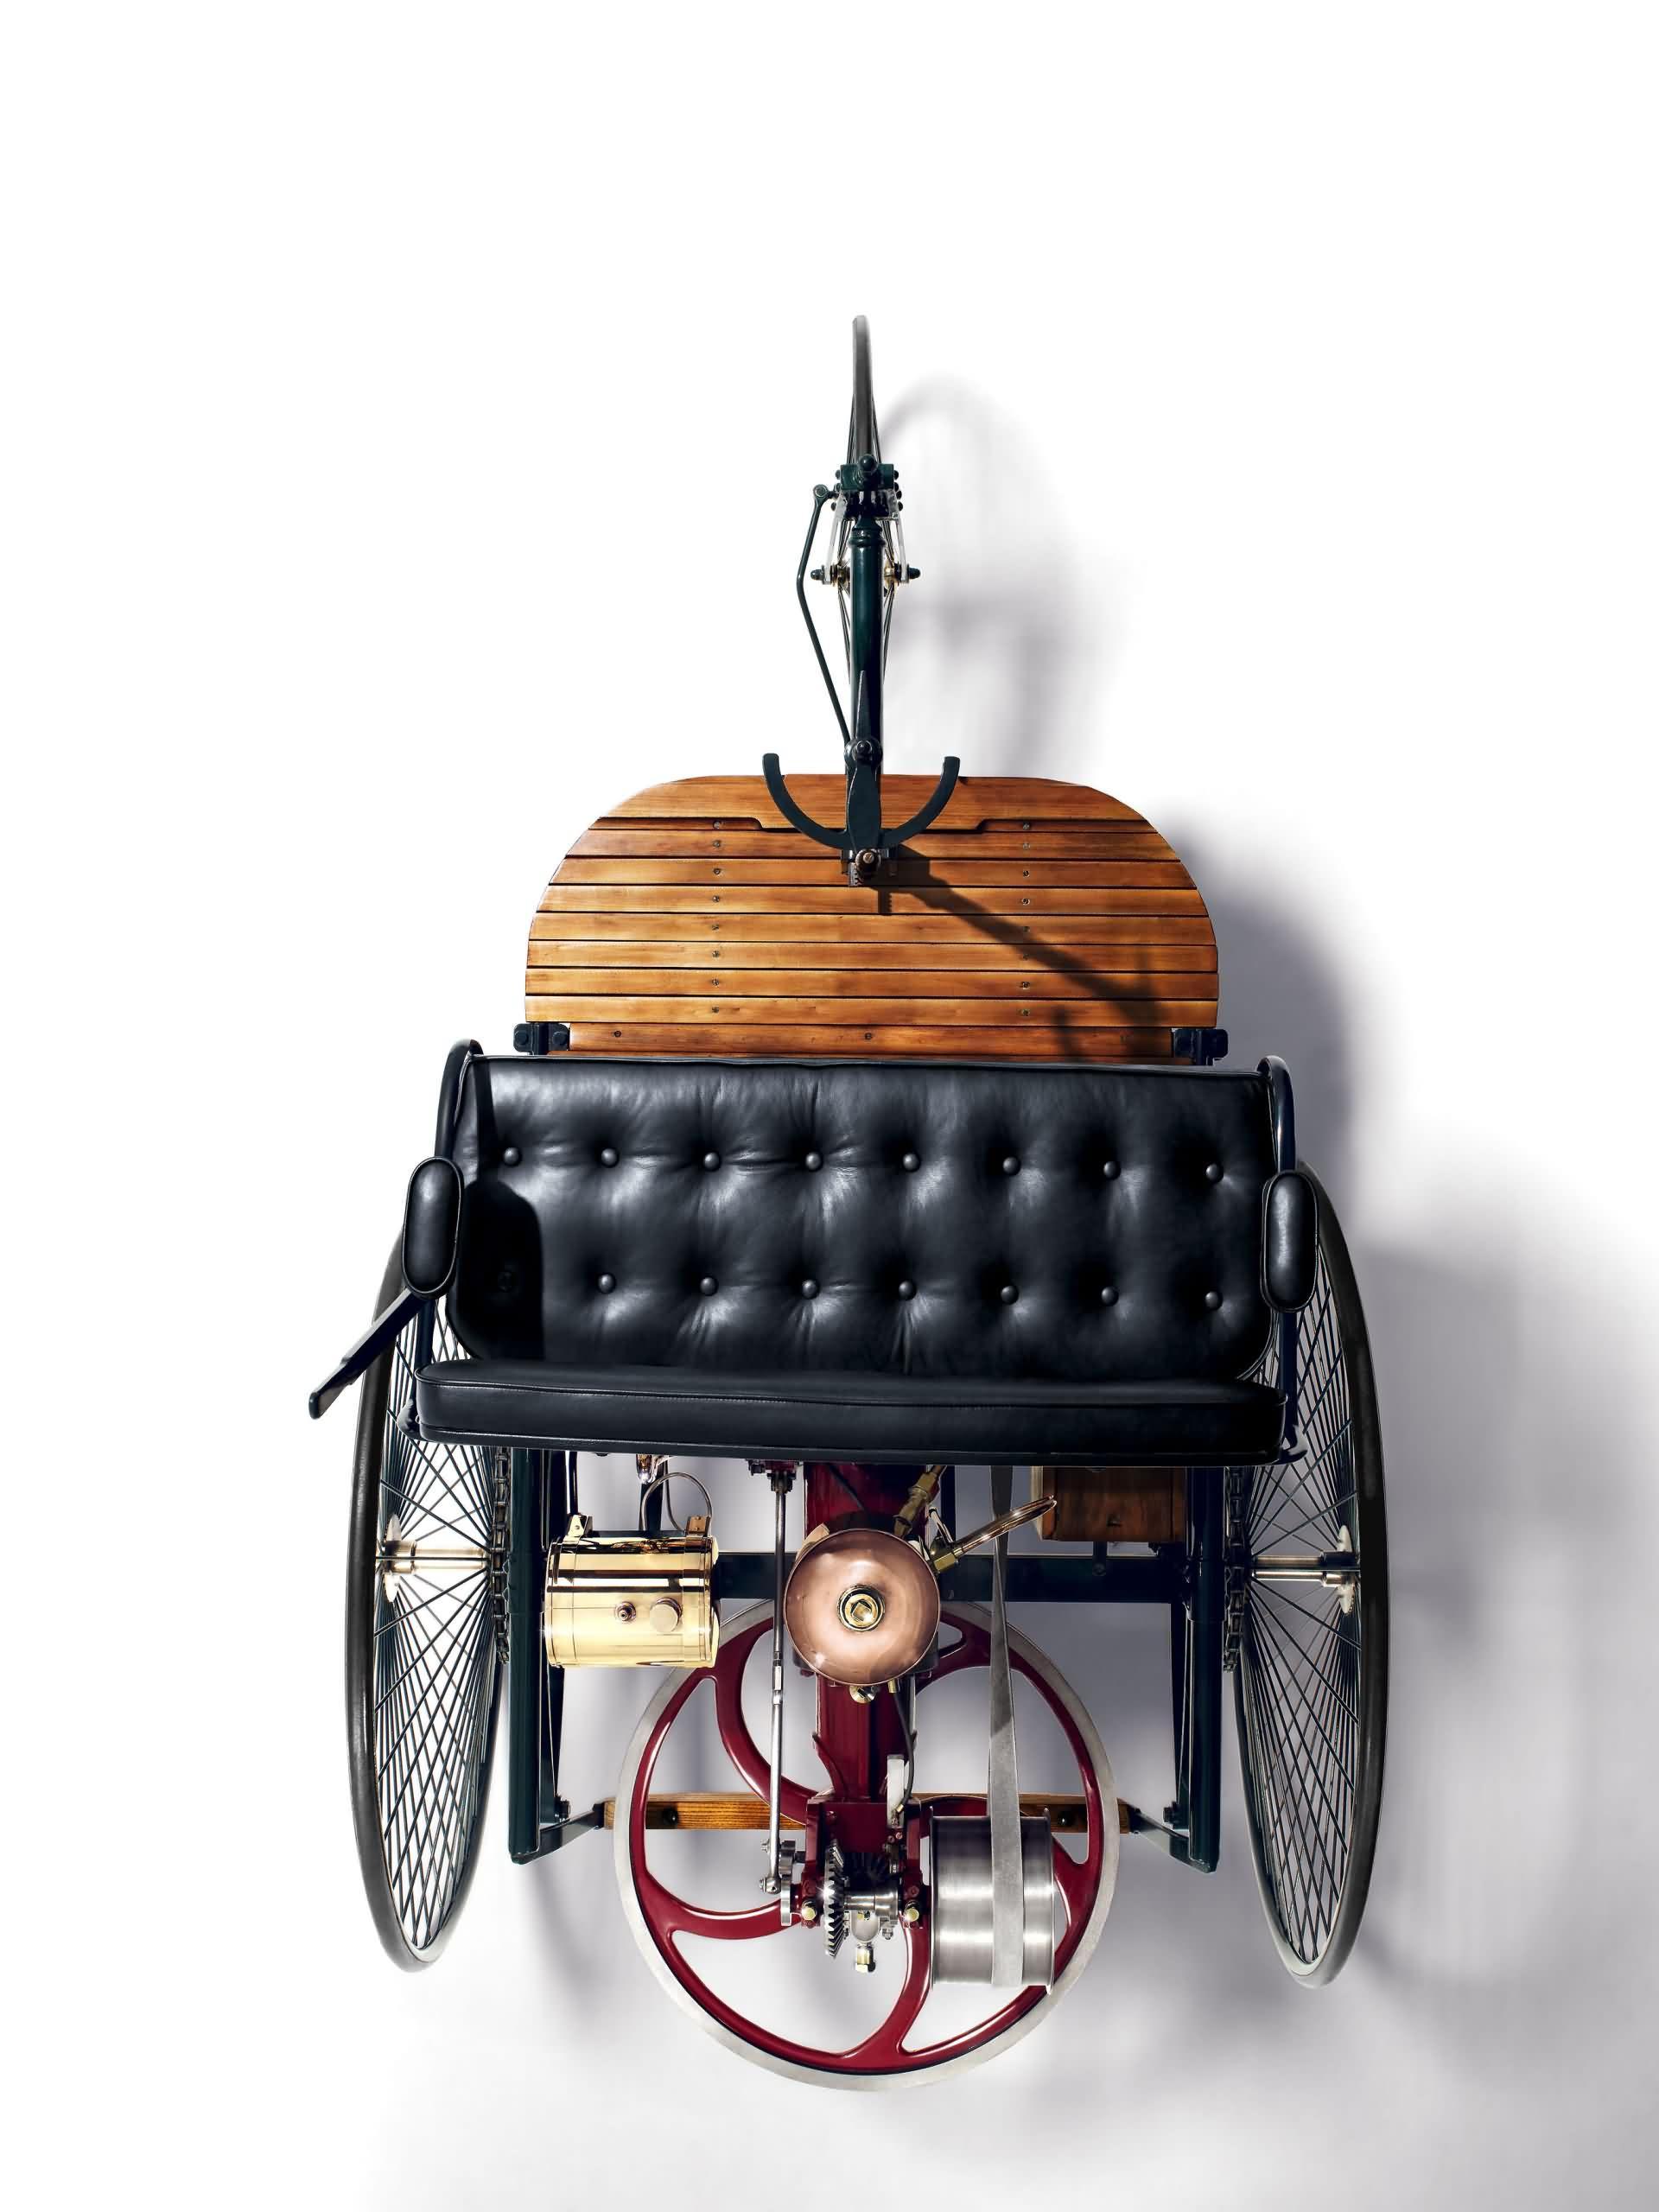 1885 - 1886 Bj. Benz Patent-Motorwagen